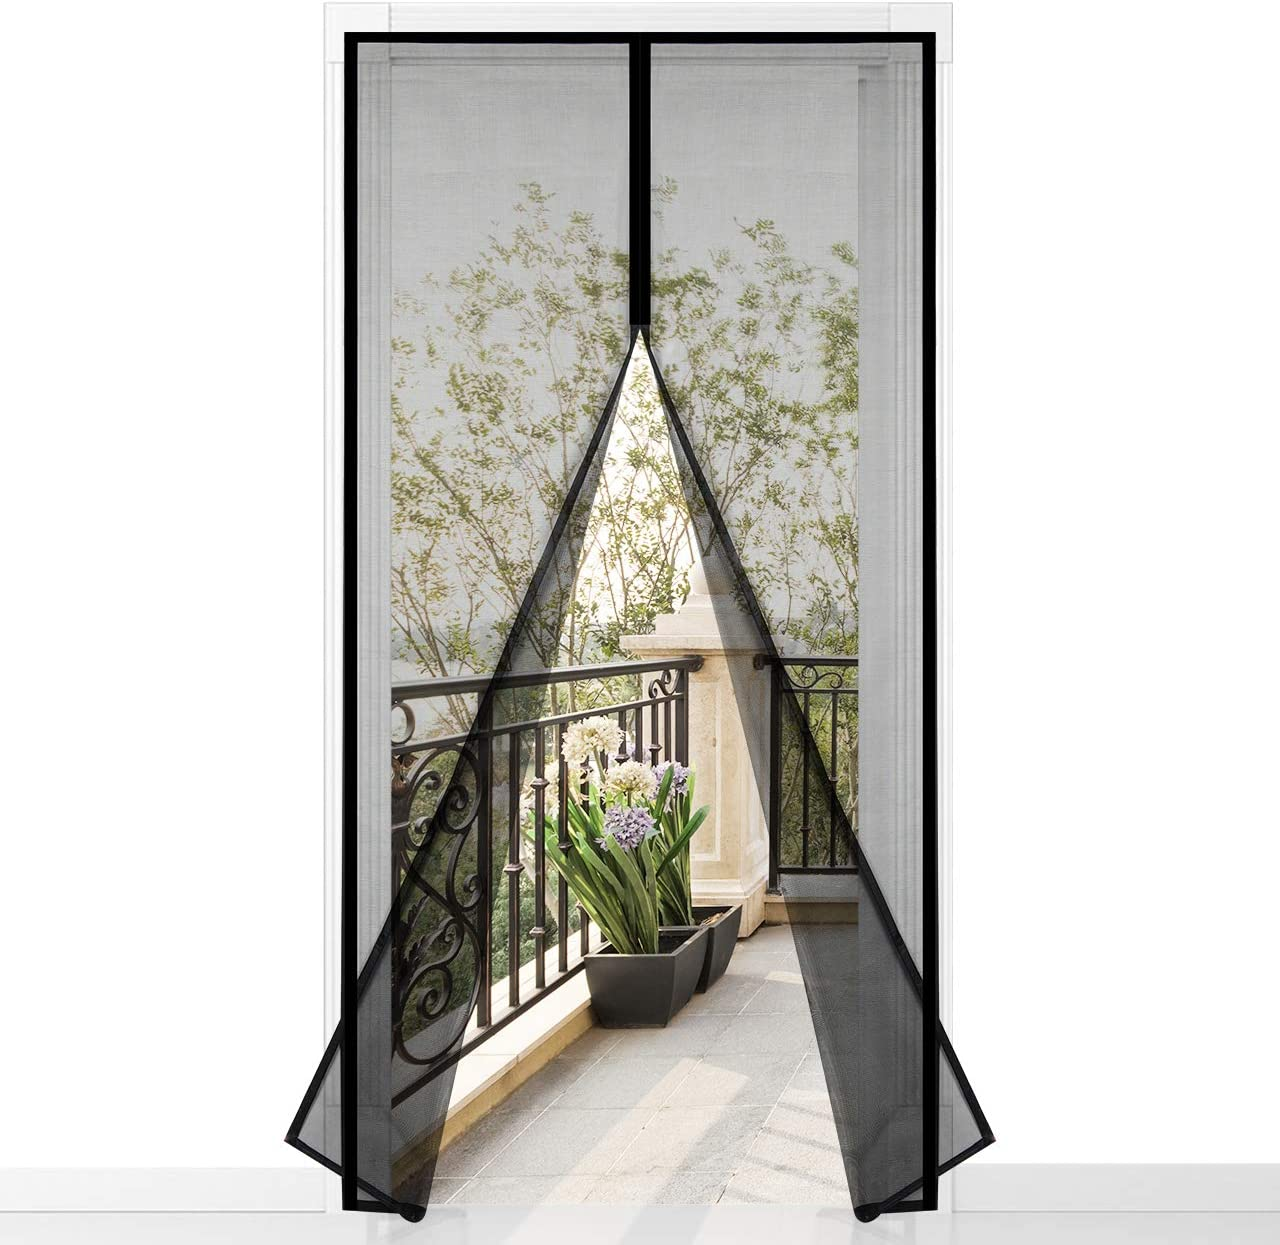 Magnetvorhang Schwarz 110x250cm 43x98inch f/ür Balkont/ür Wohnzimmer Terrassent/ür Automatisches Schlie/ßEn GOUDU Fliegengitter T/ür Magnetisch Insektenschutz